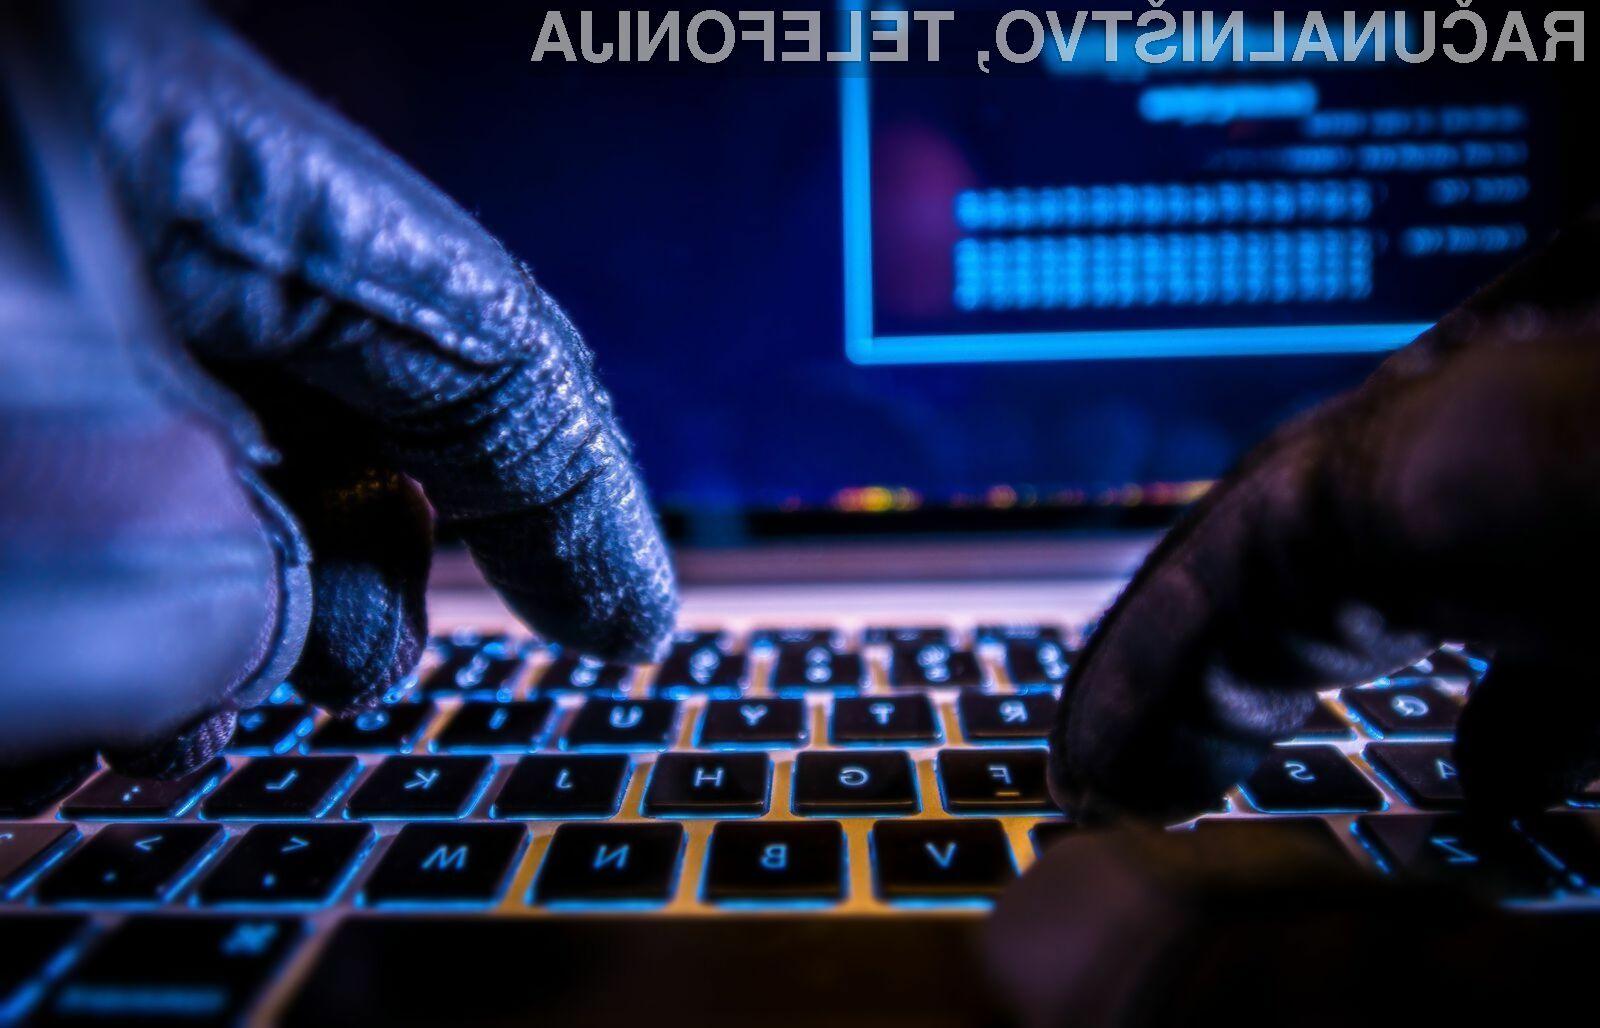 Ukradeni podatki so na temnem spletu vredni bolj kot ne zelo malo.